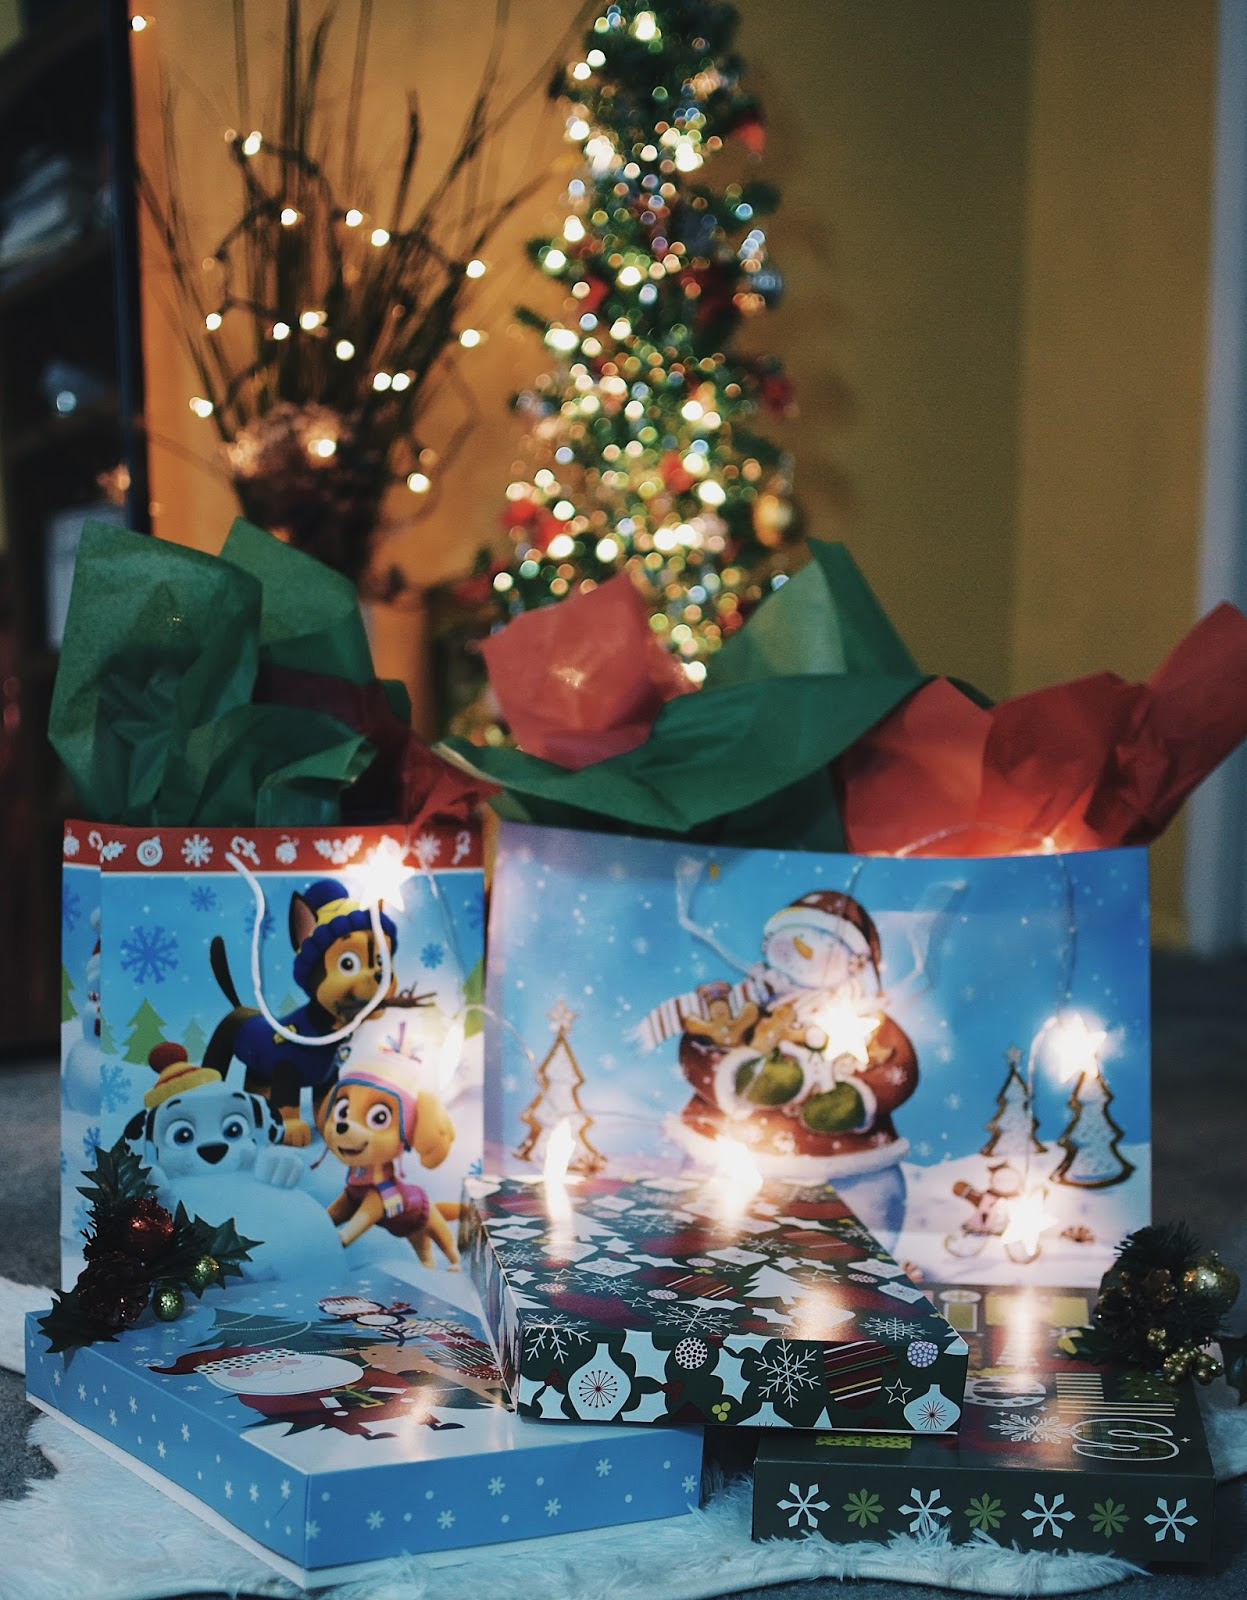 De Compras Navideñas, ahorros y descuentos con el JCPenney Holiday Challenge by Mari Estilo.